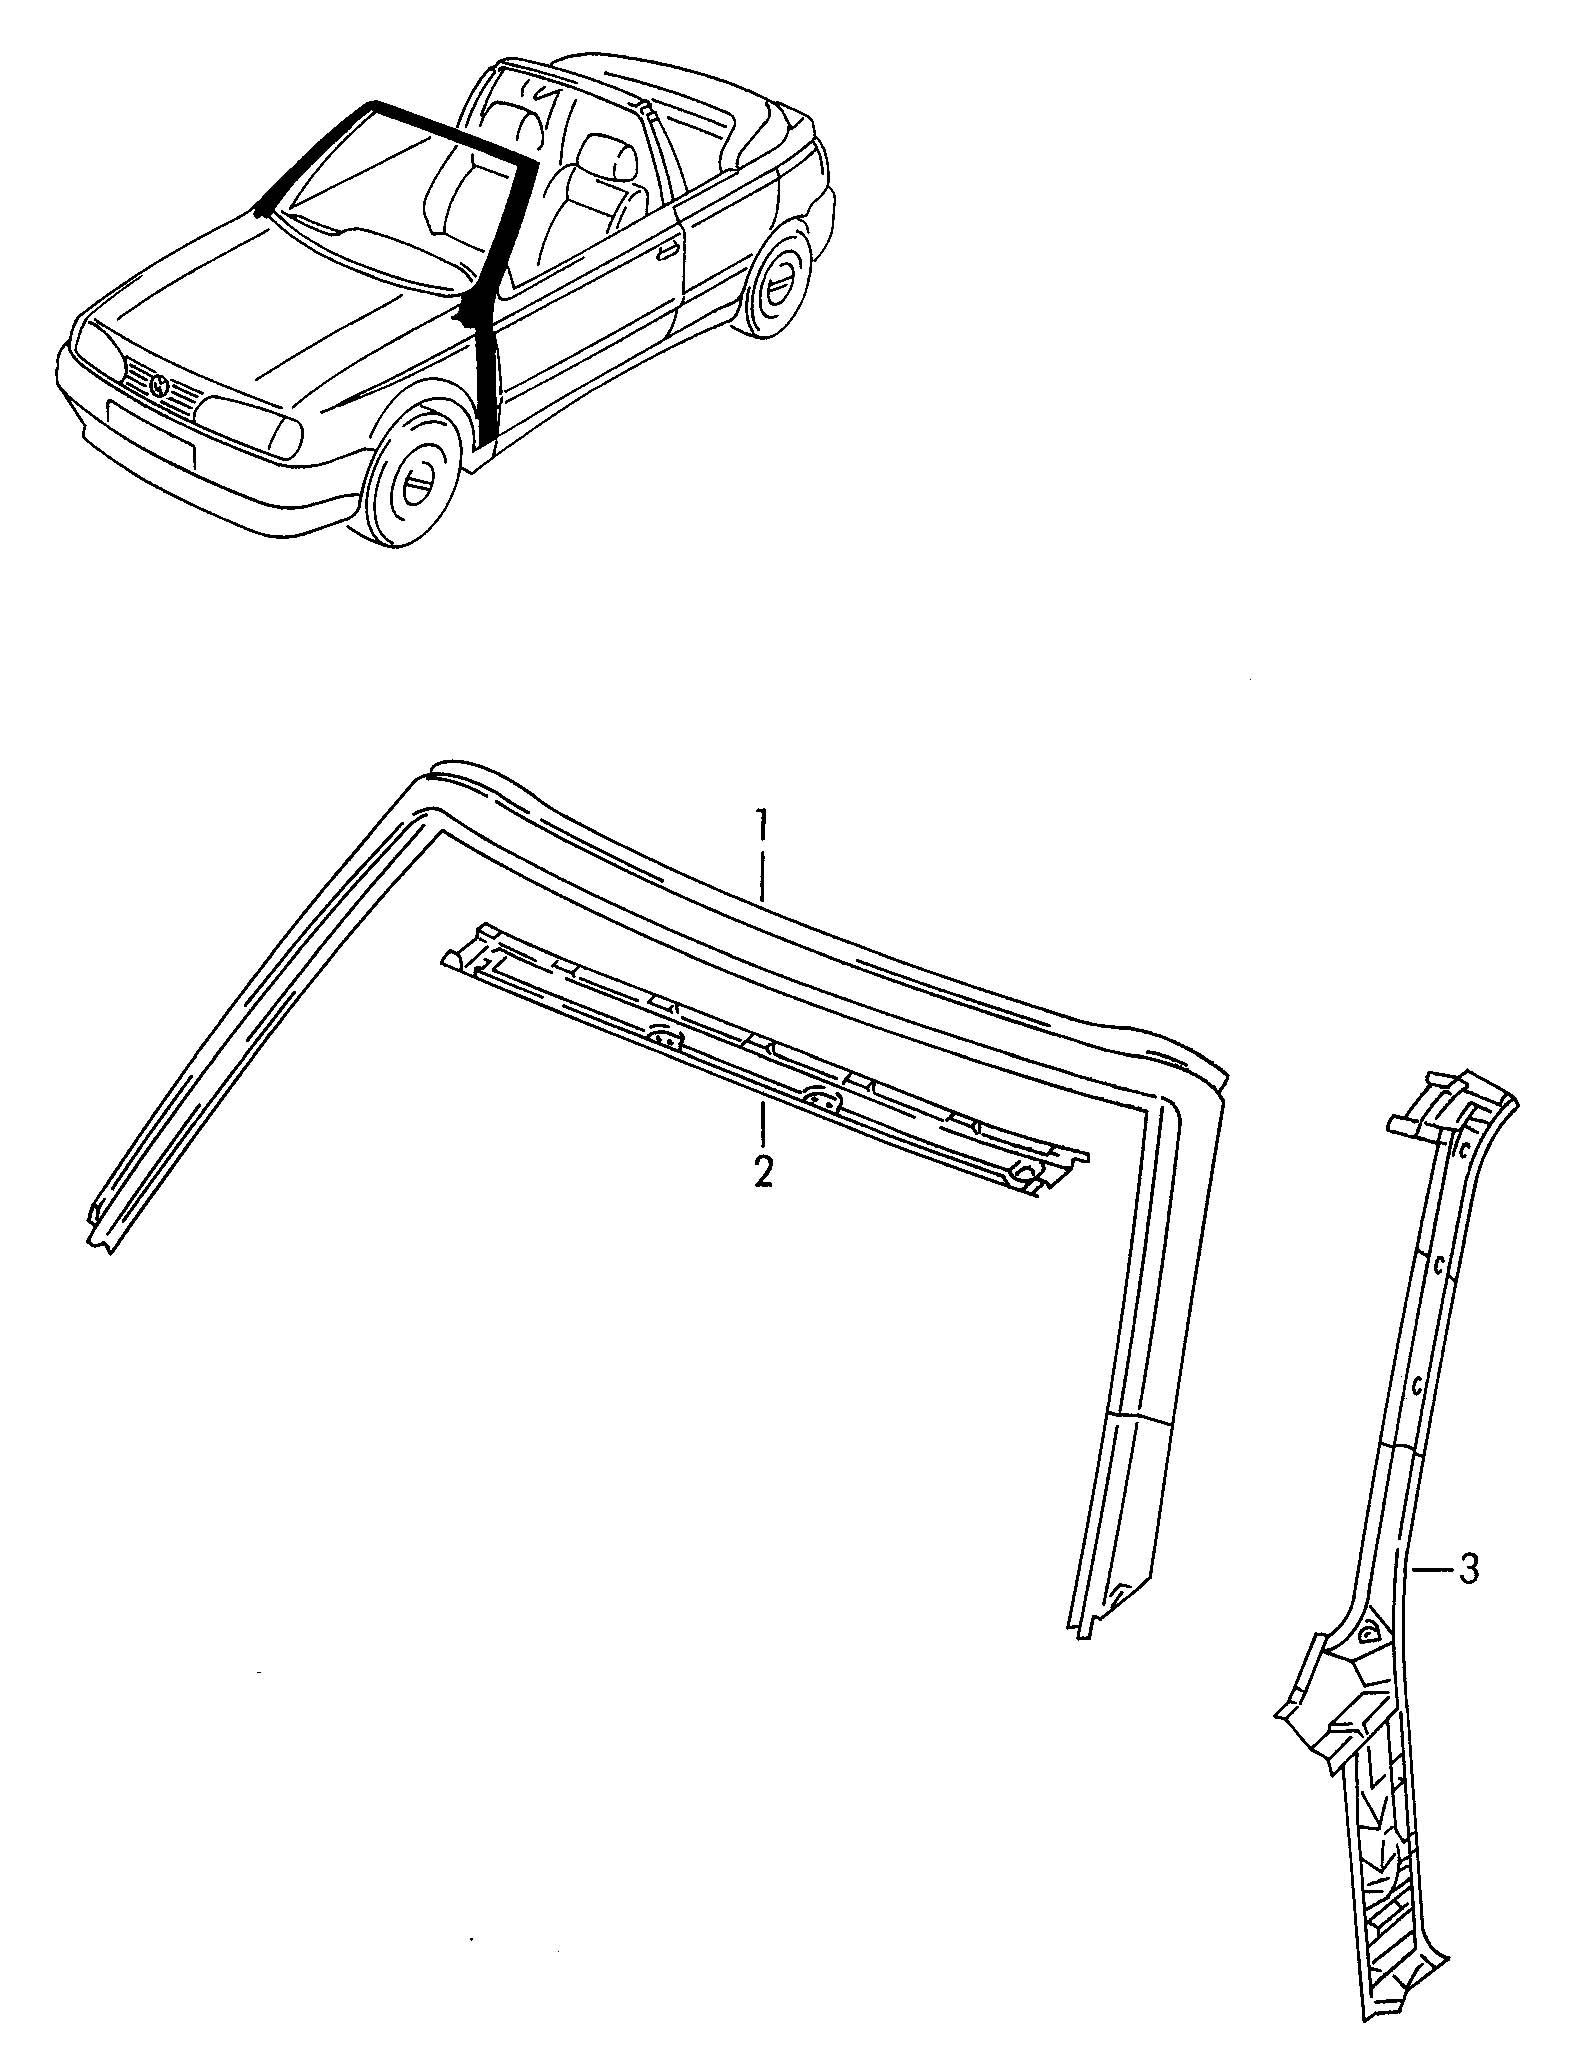 tags: #2002 vw cabrio vacuum diagram#2004 volkswagen passat engine diagram# 2002 volkswagen cabrio parts#2002 passat engine diagram#2001 vw cabrio  parts